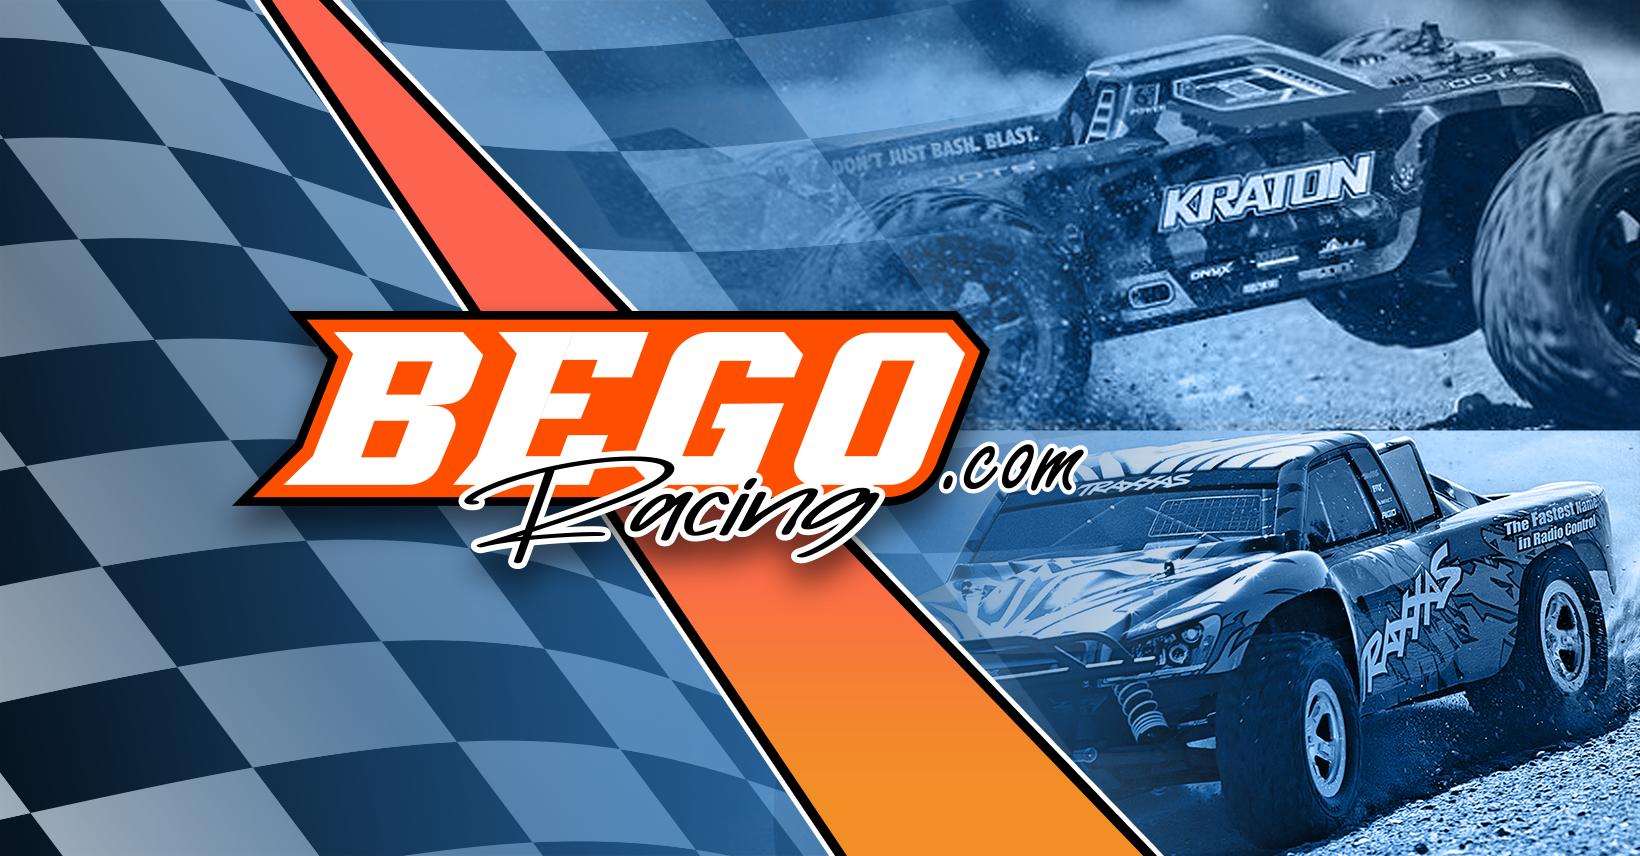 Bego Racing